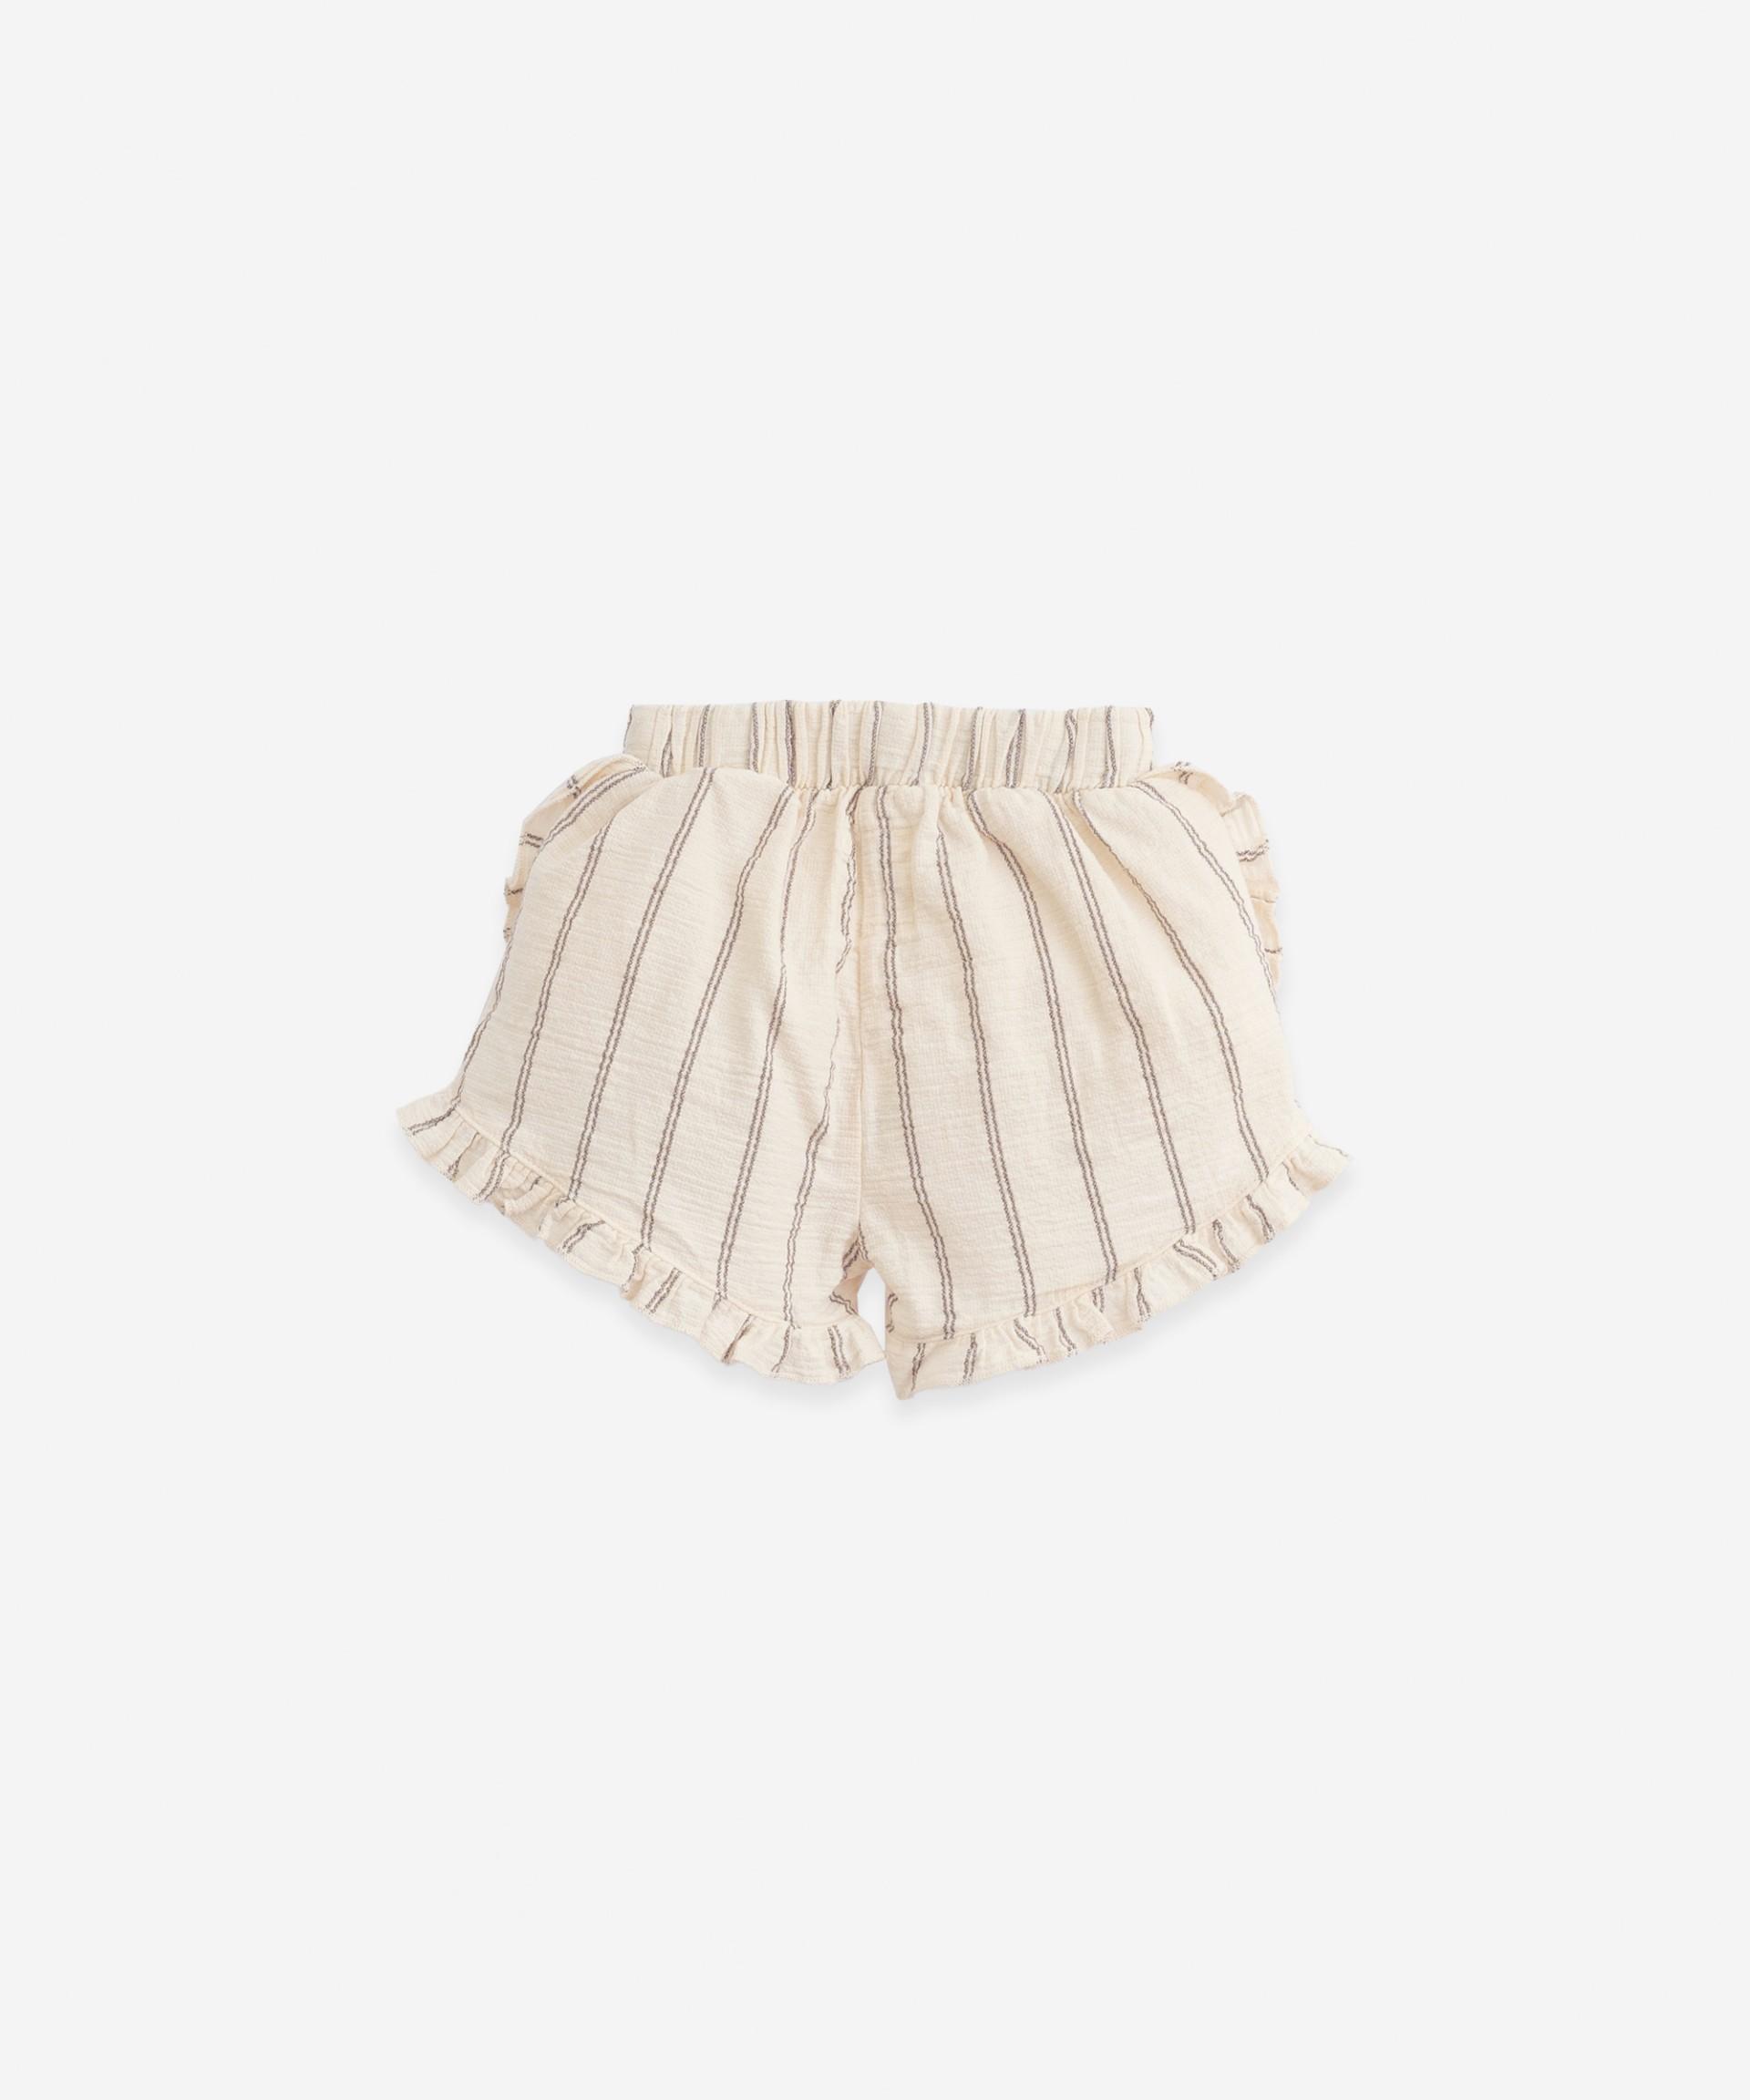 Striped shorts | Botany